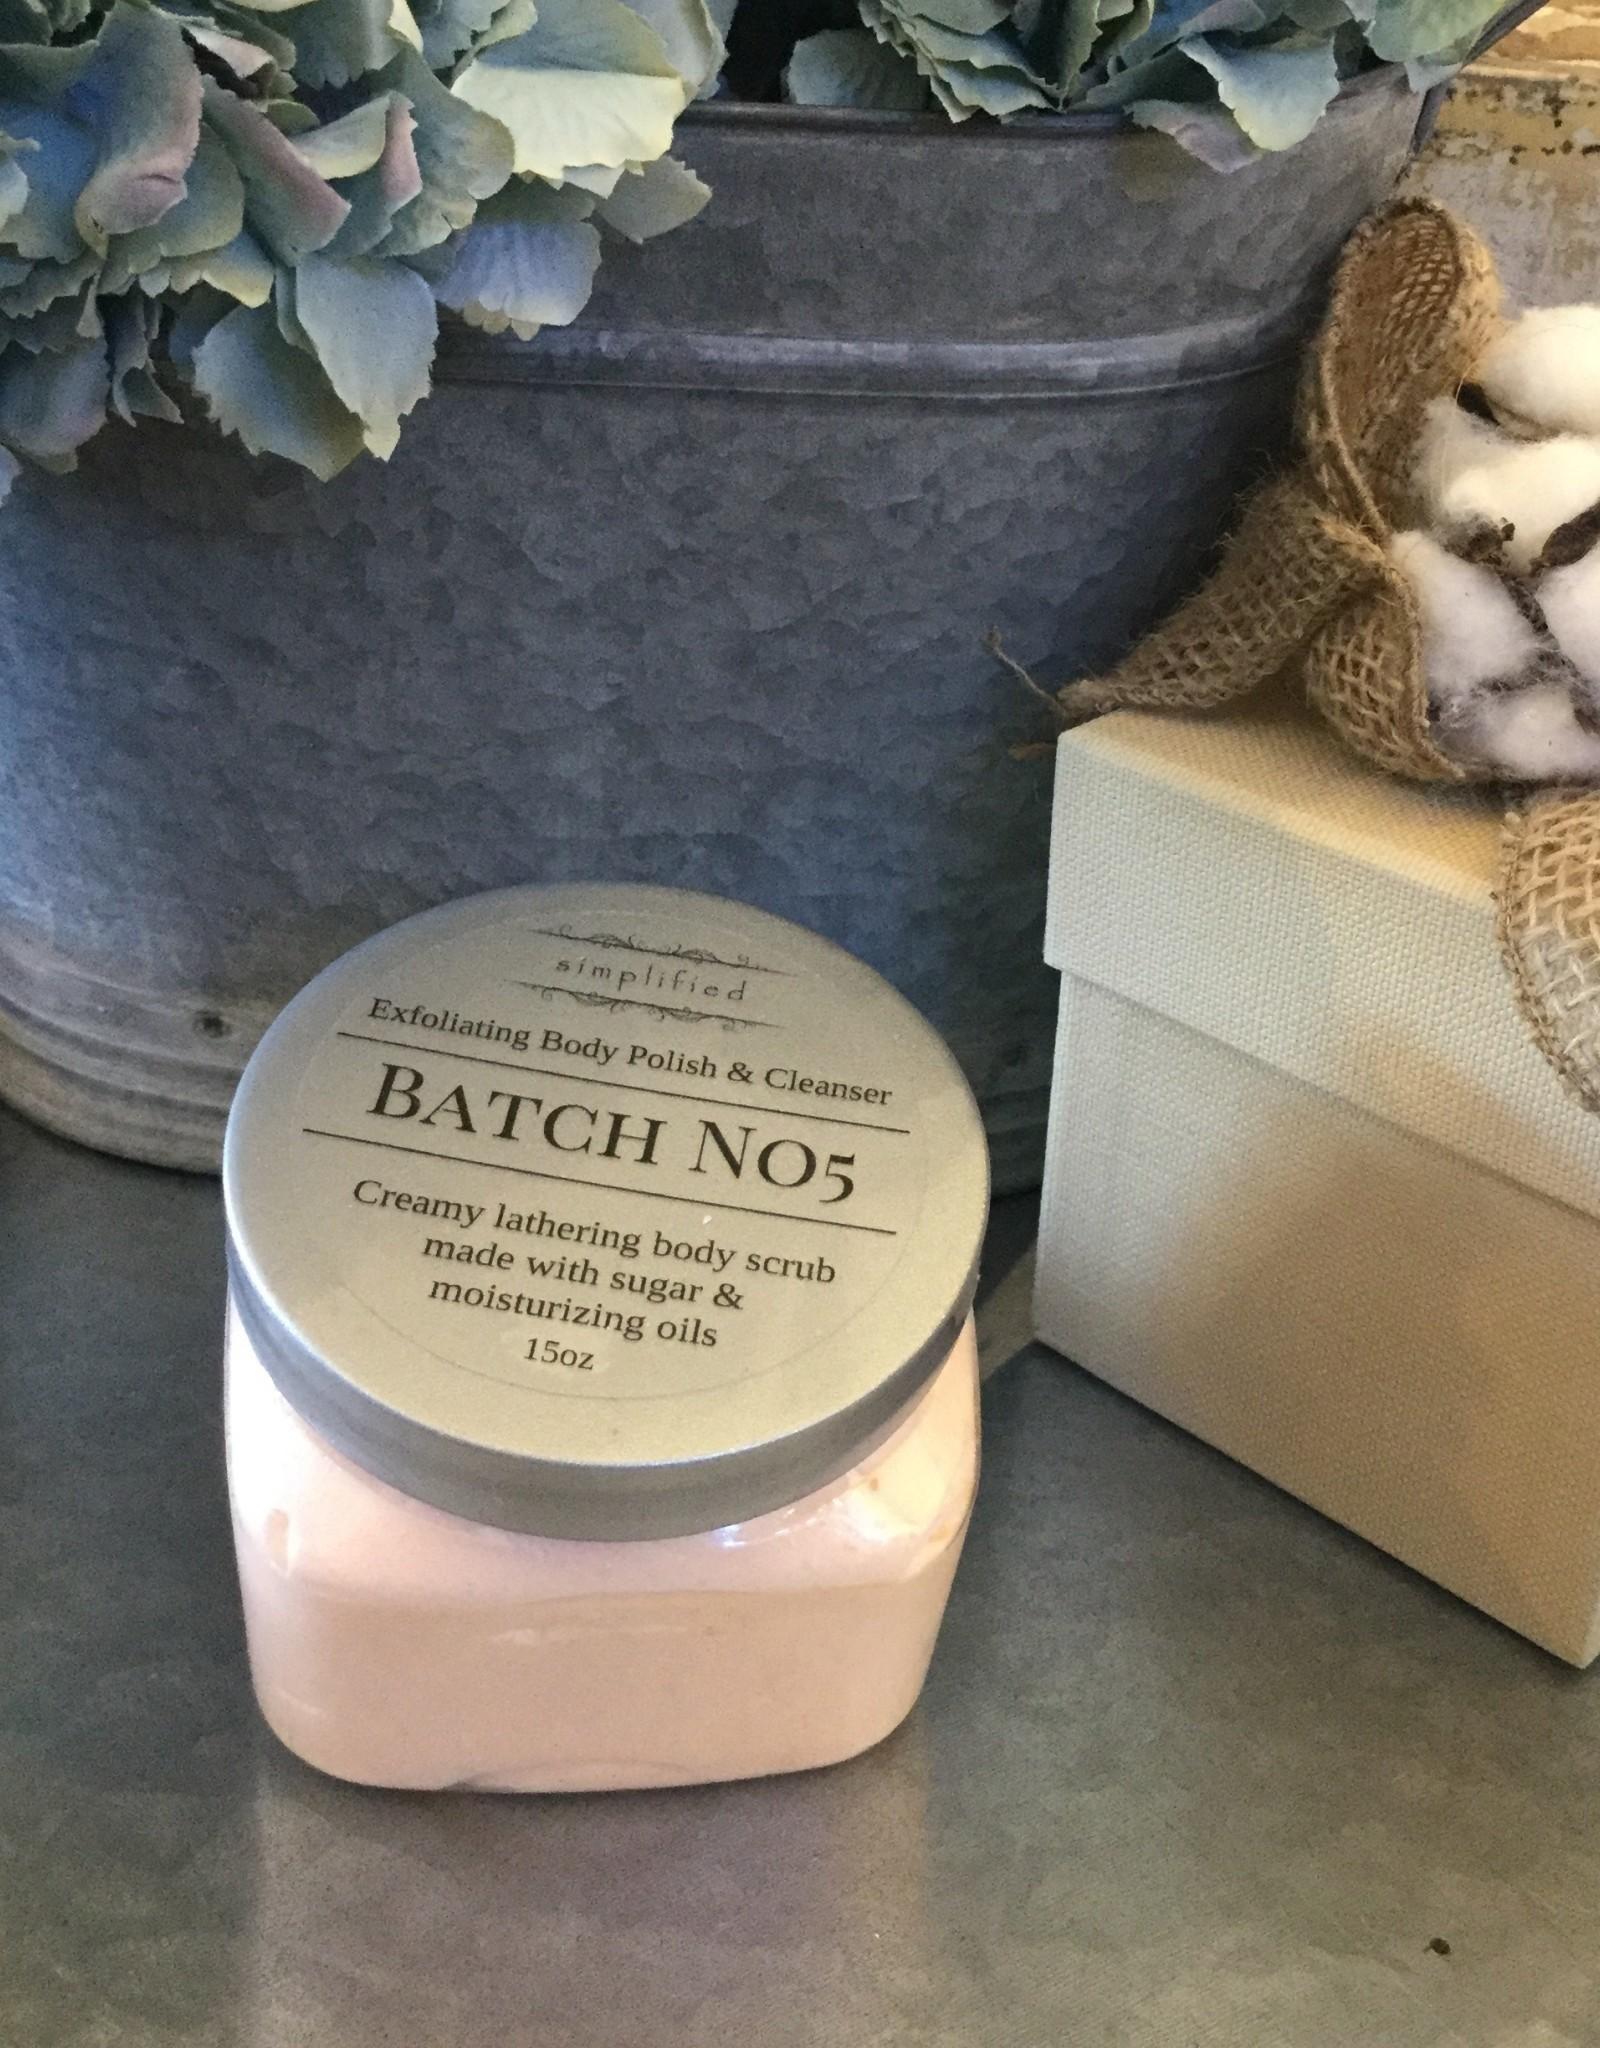 Simplified Soap 15 oz Body Polish - Batch no5